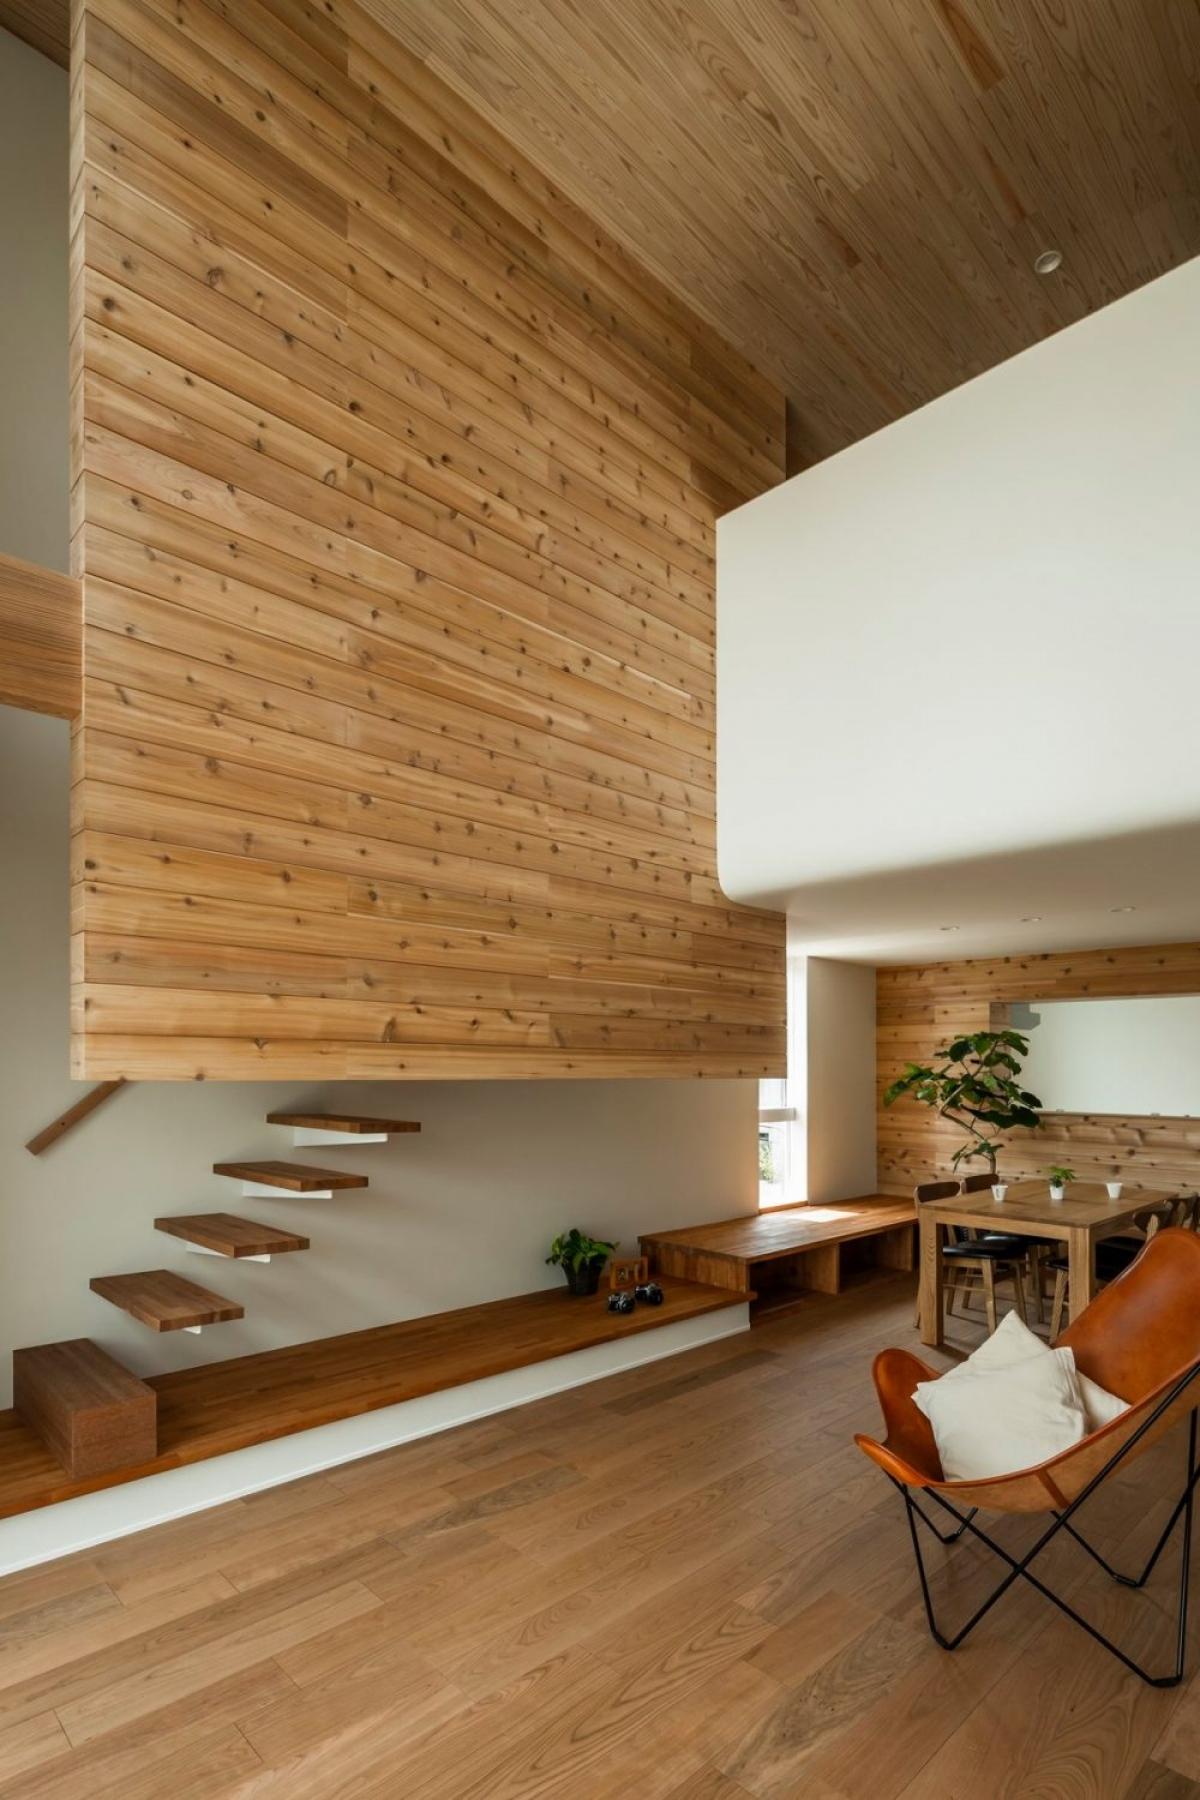 Lá chắn bằng gỗ này được thiết kế nhằm mục đích giảm bớt cái nắng nóng của hướng Nam.